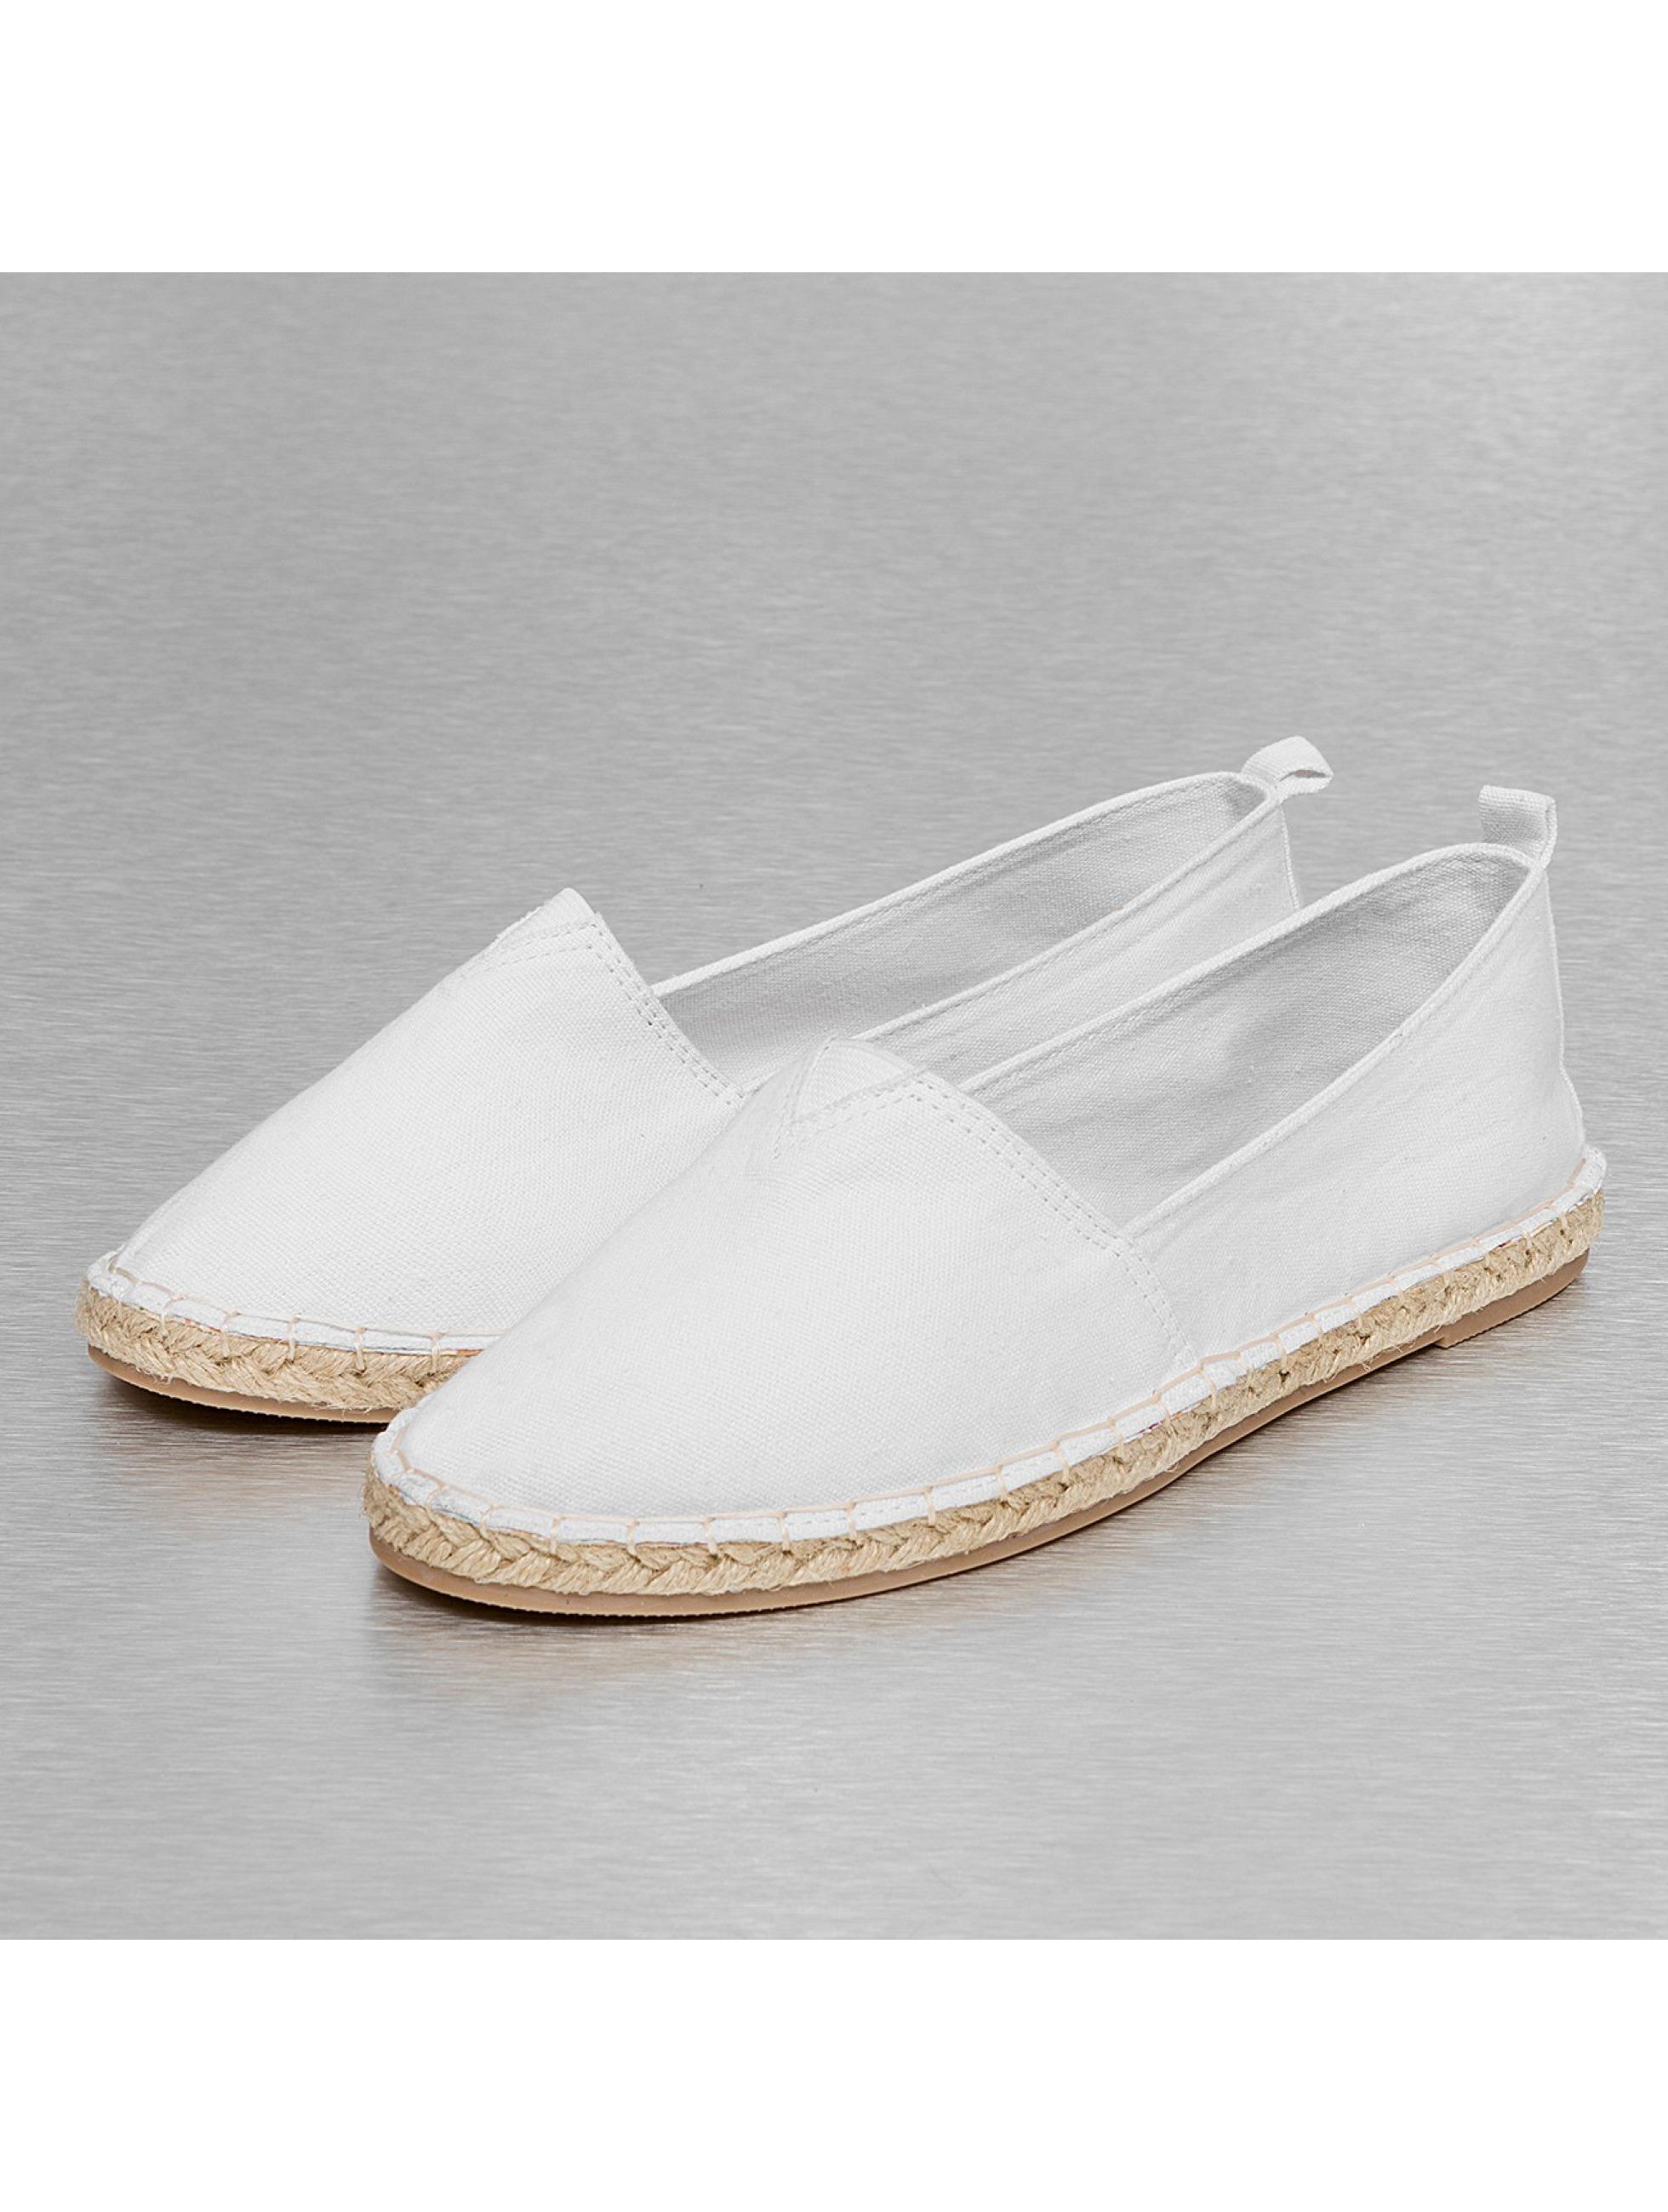 Ballerinas Summer in weiß